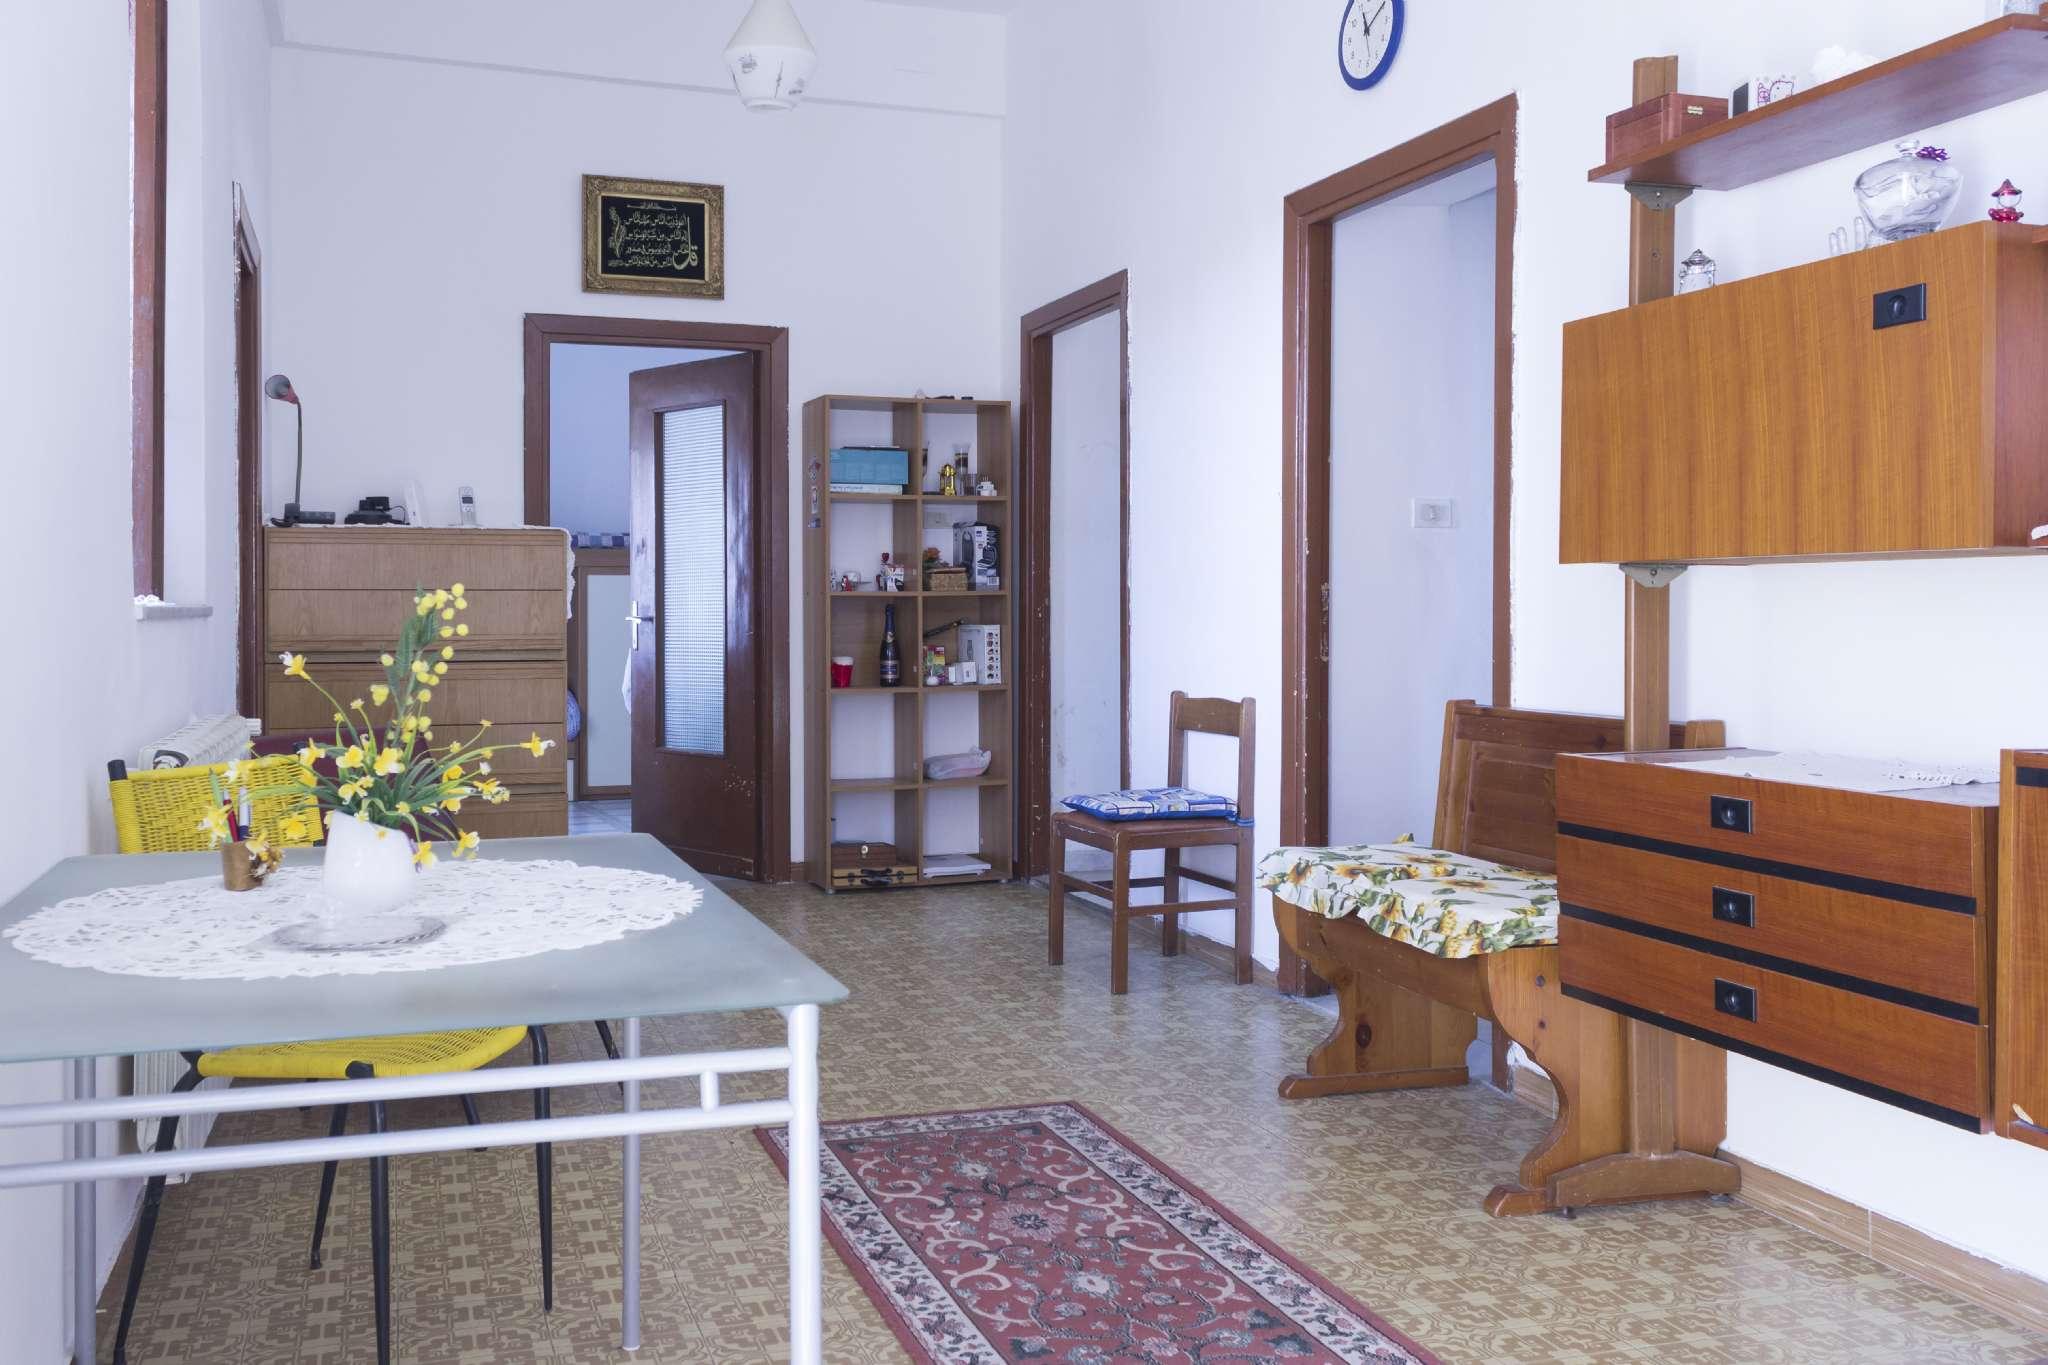 Appartamento in vendita a Albano Laziale, 4 locali, prezzo € 210.000 | CambioCasa.it